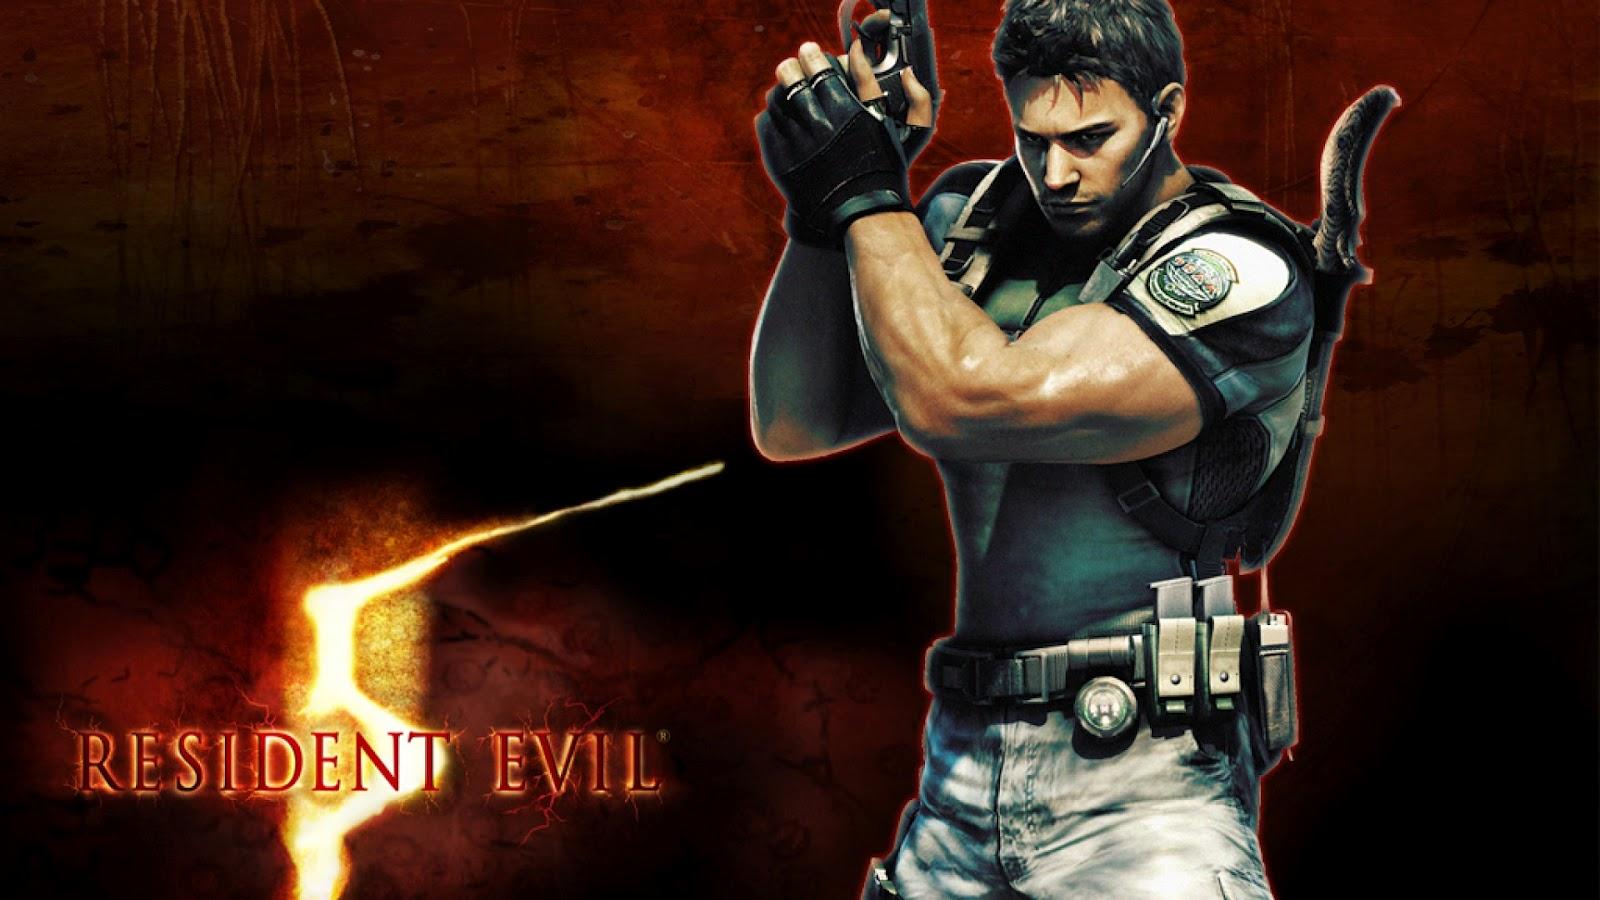 http://3.bp.blogspot.com/-d0JXDijDyv8/UBYABZ4VlzI/AAAAAAAAGH8/P1gnZMPlF7E/s1600/resident-evil-5-wallpaper.jpg